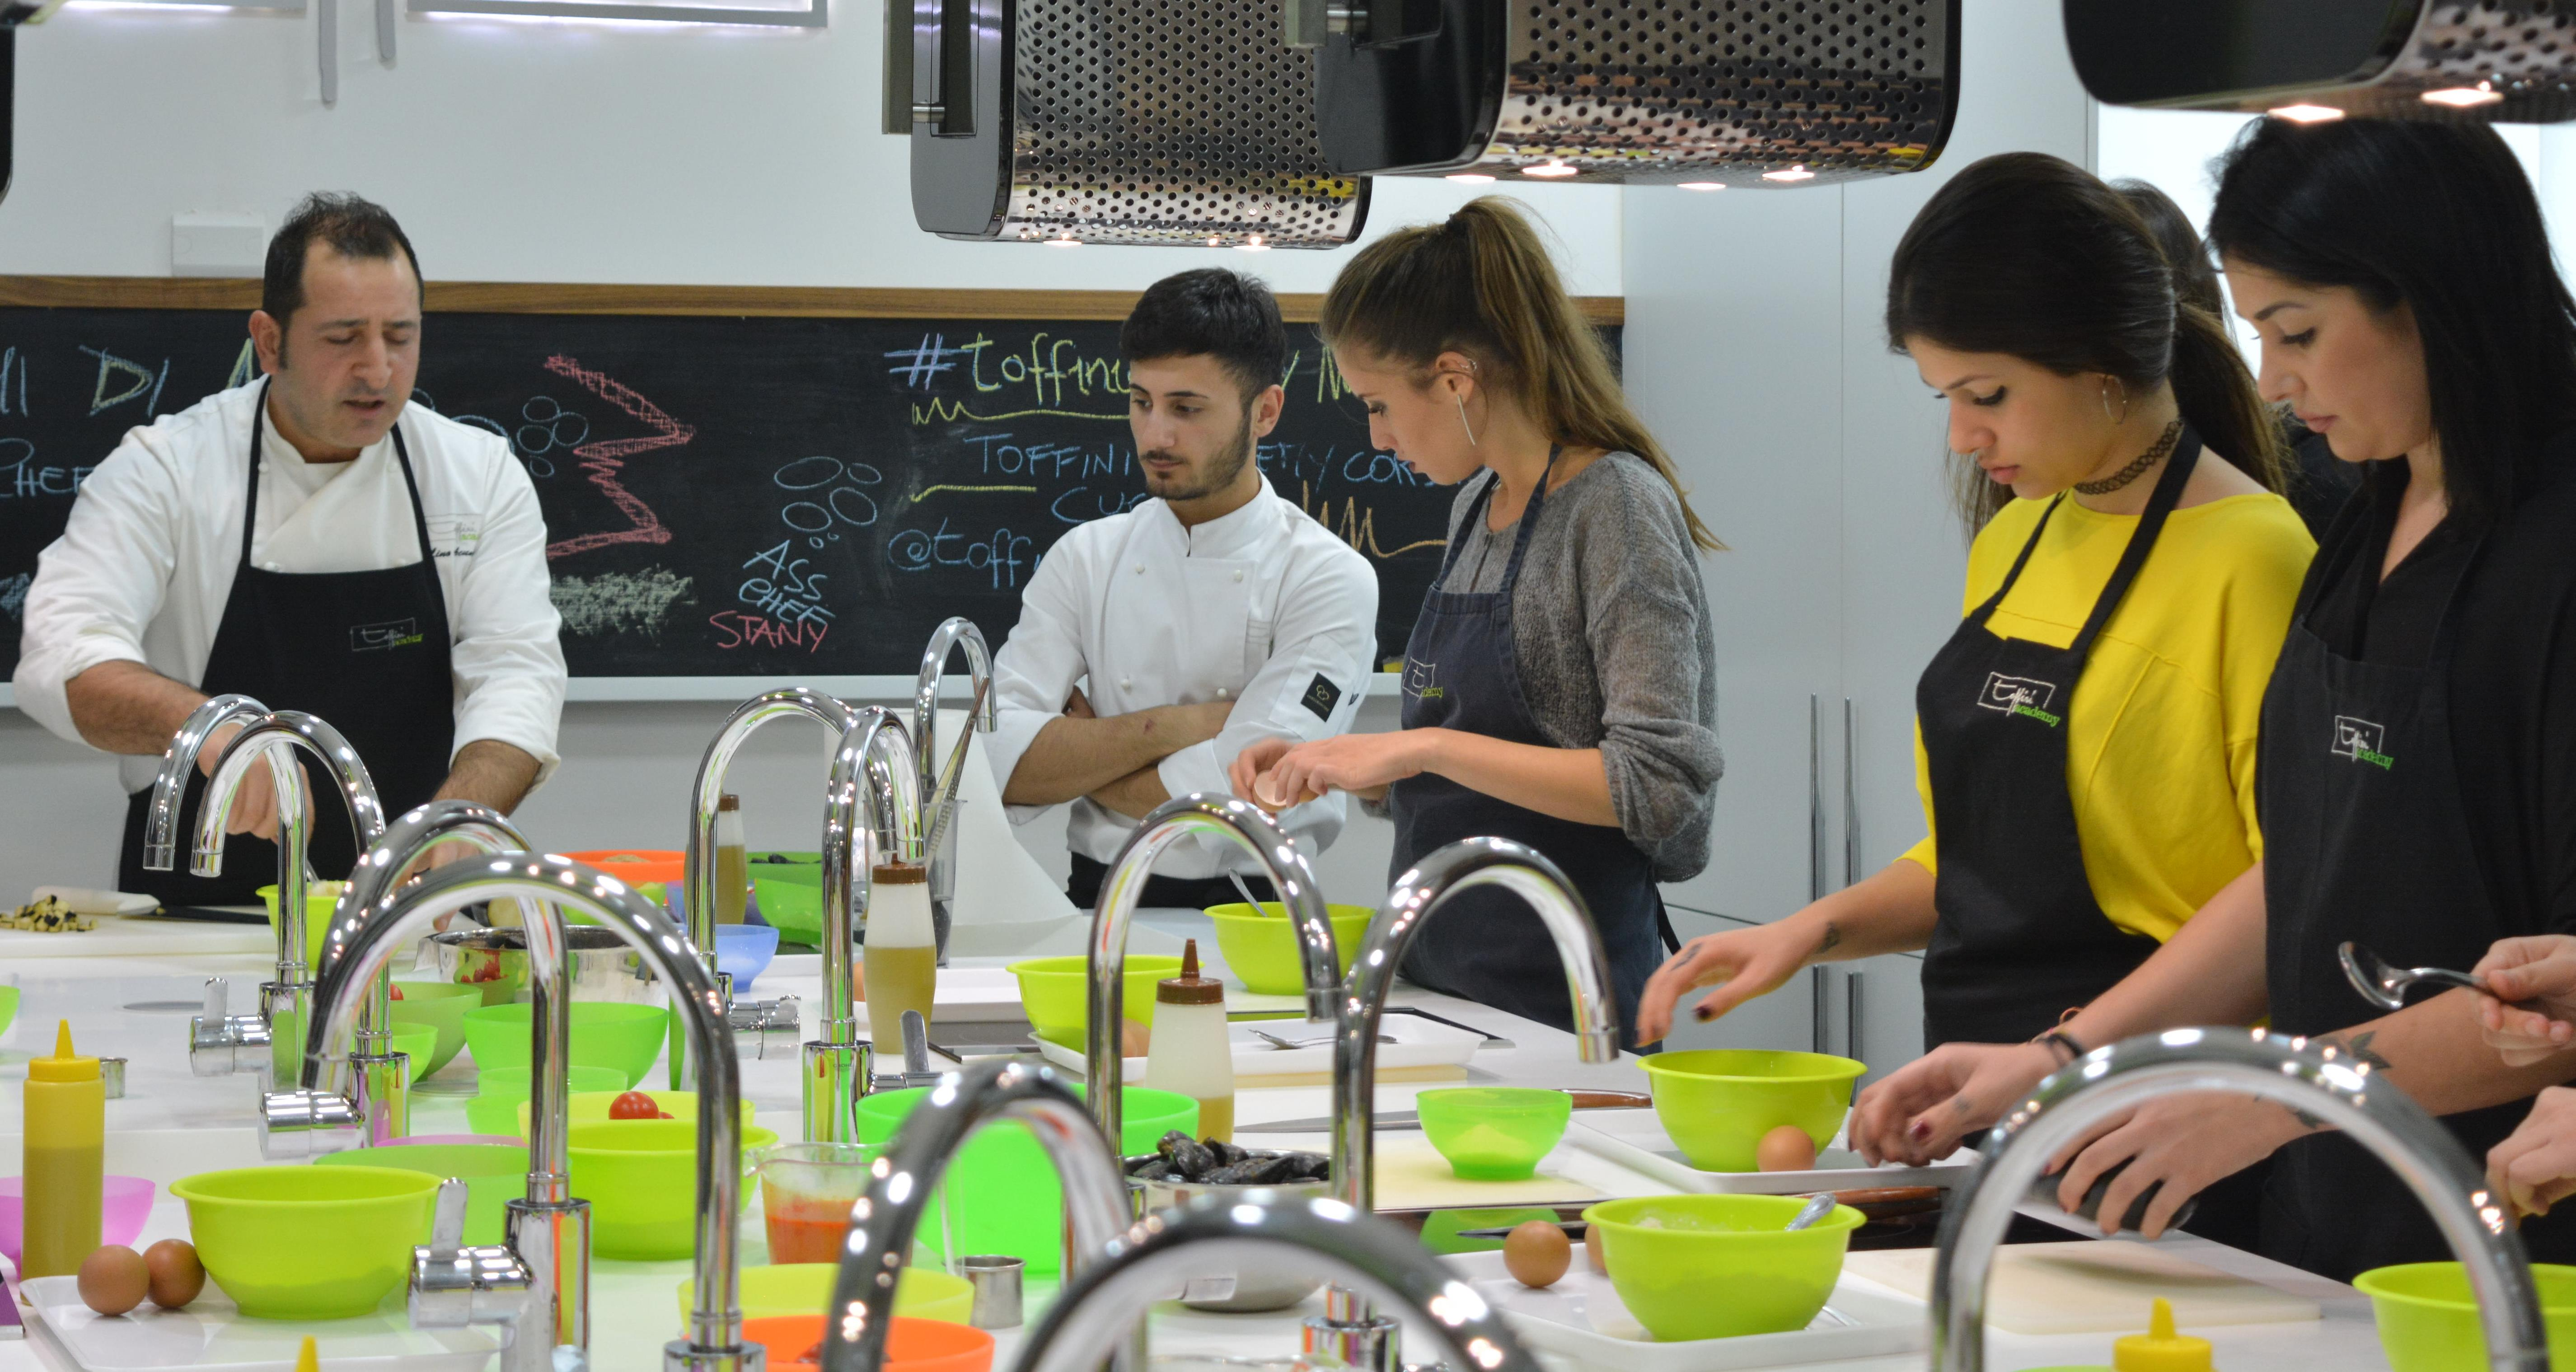 Scuole di cucina a milano torino firenze roma e napoli for Scuole di cucina in italia